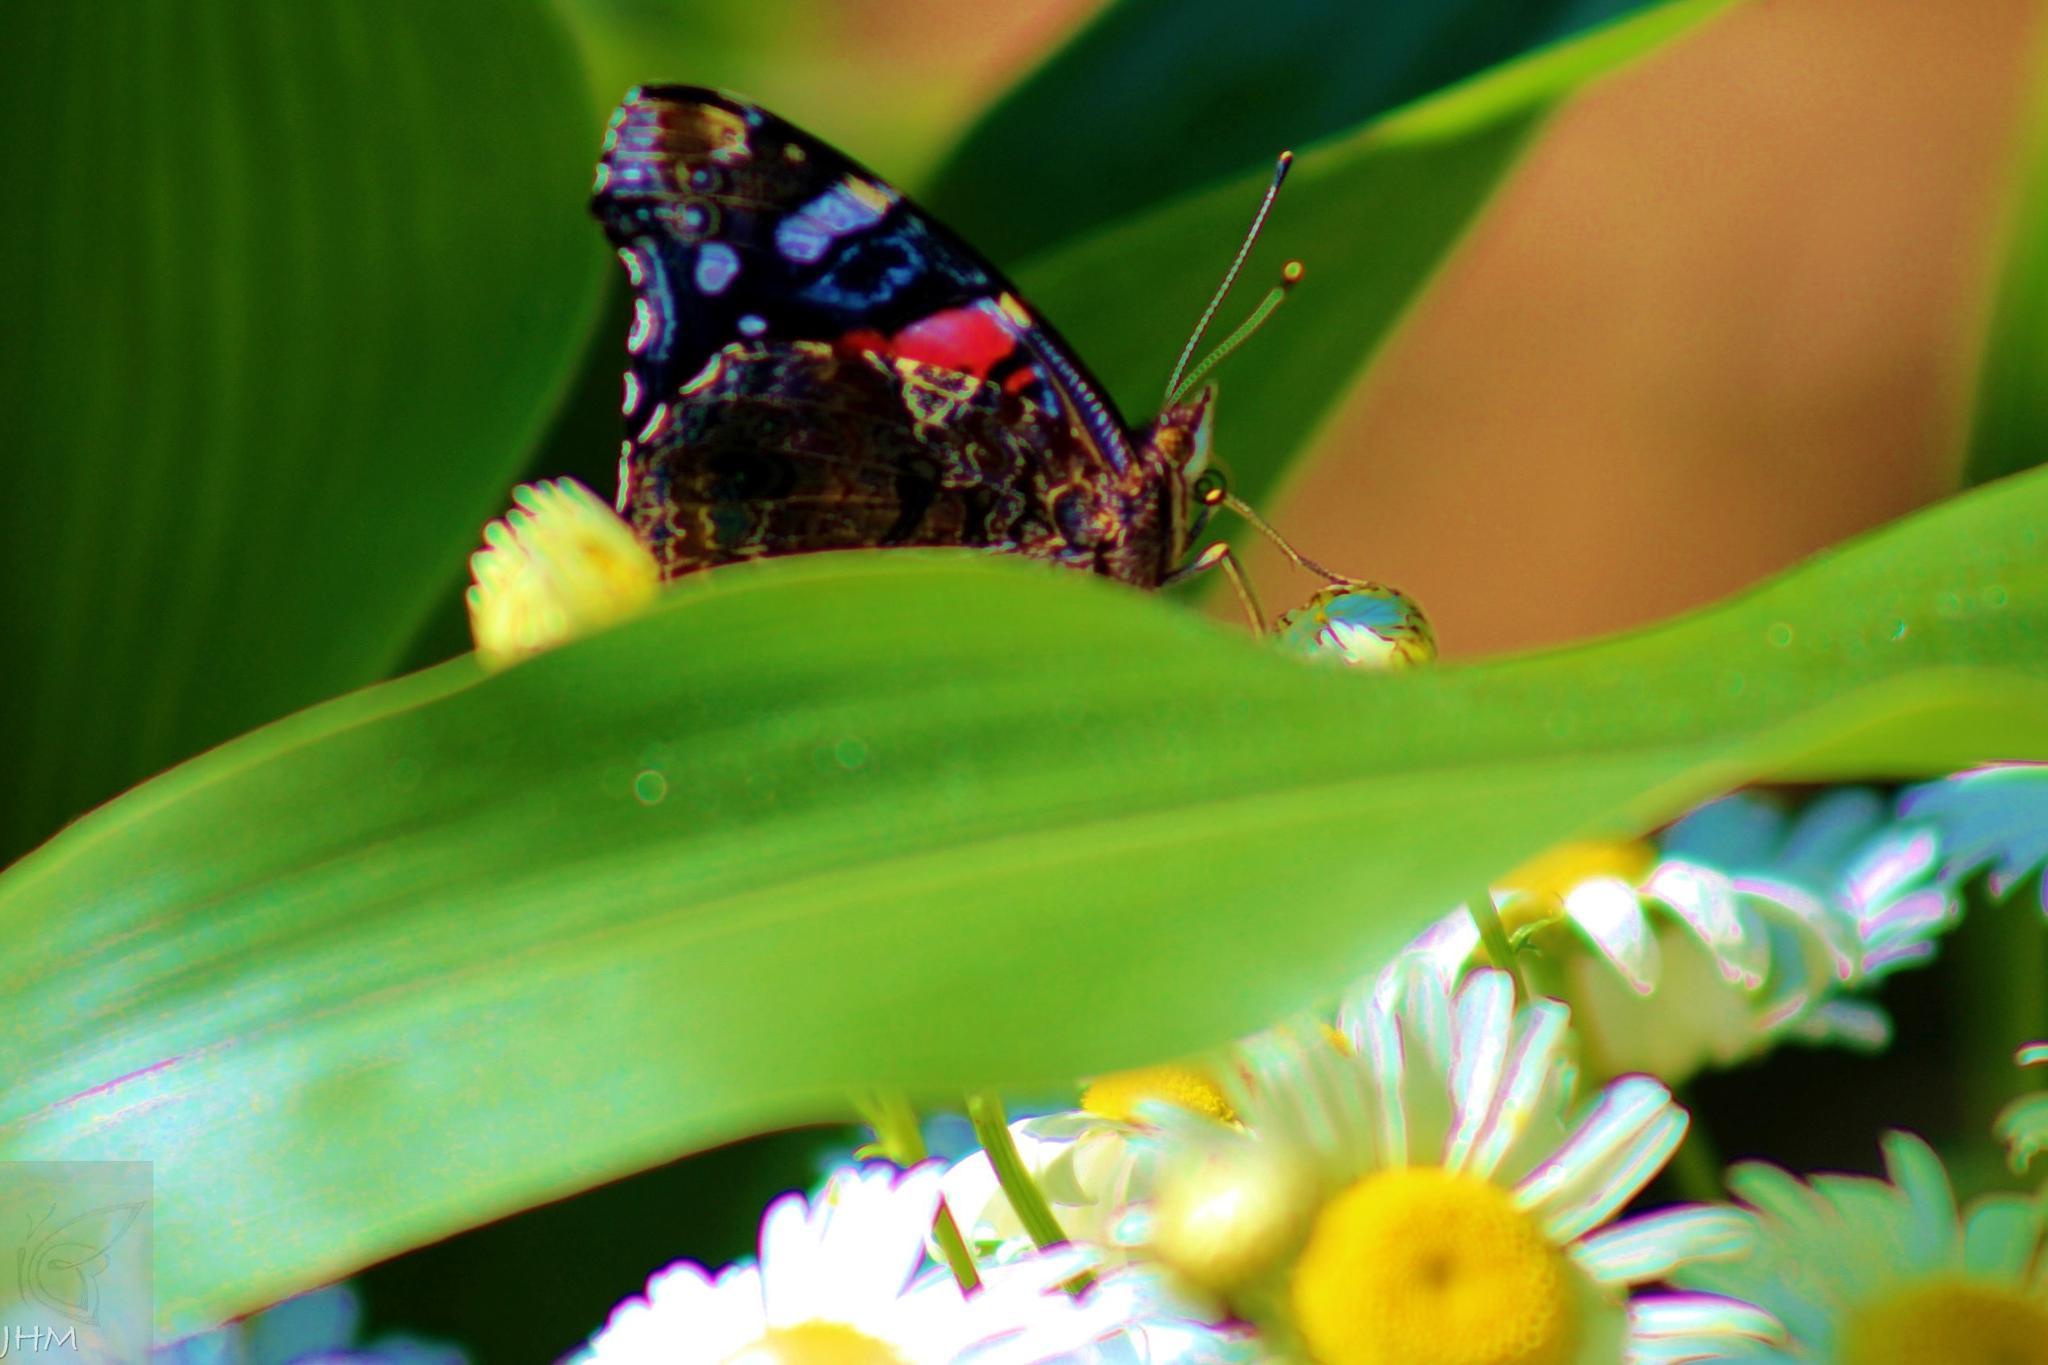 Butterfly drinking dew drop by jjm61064